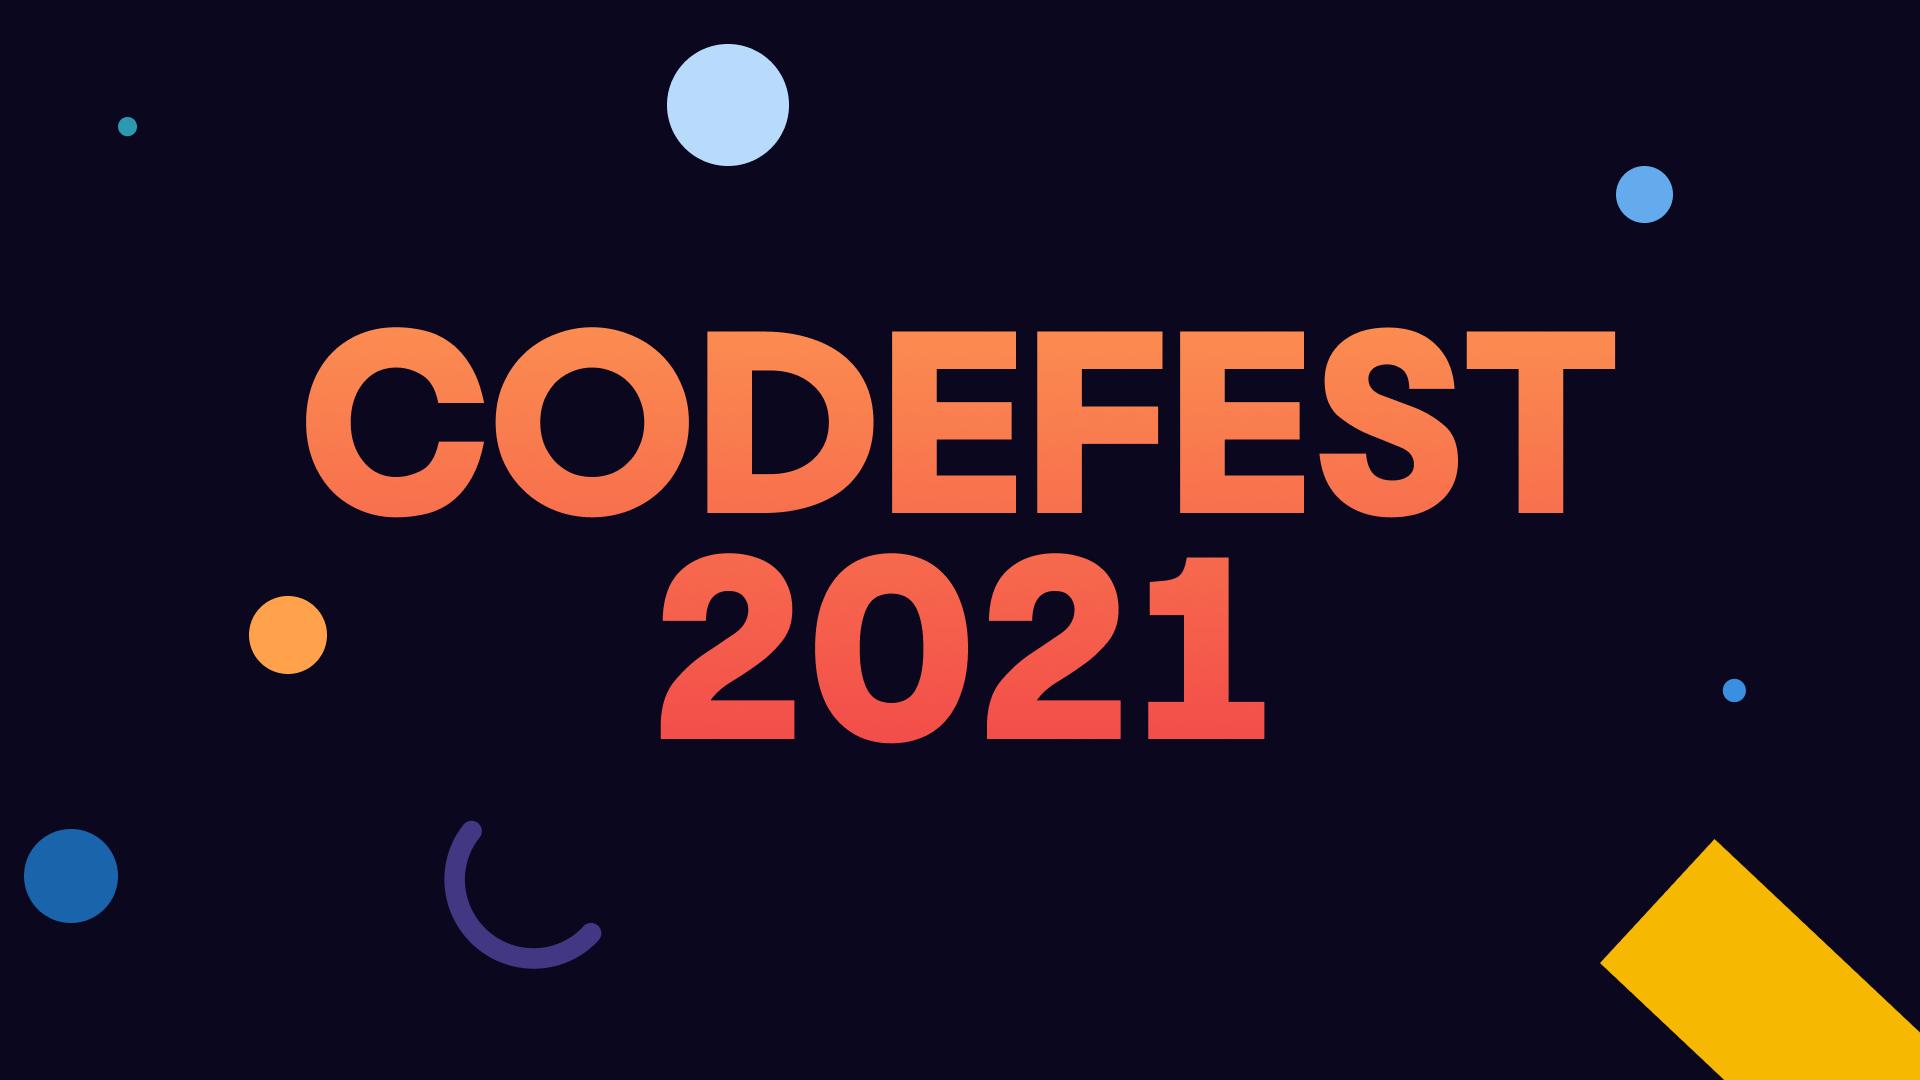 CodeFest 2021